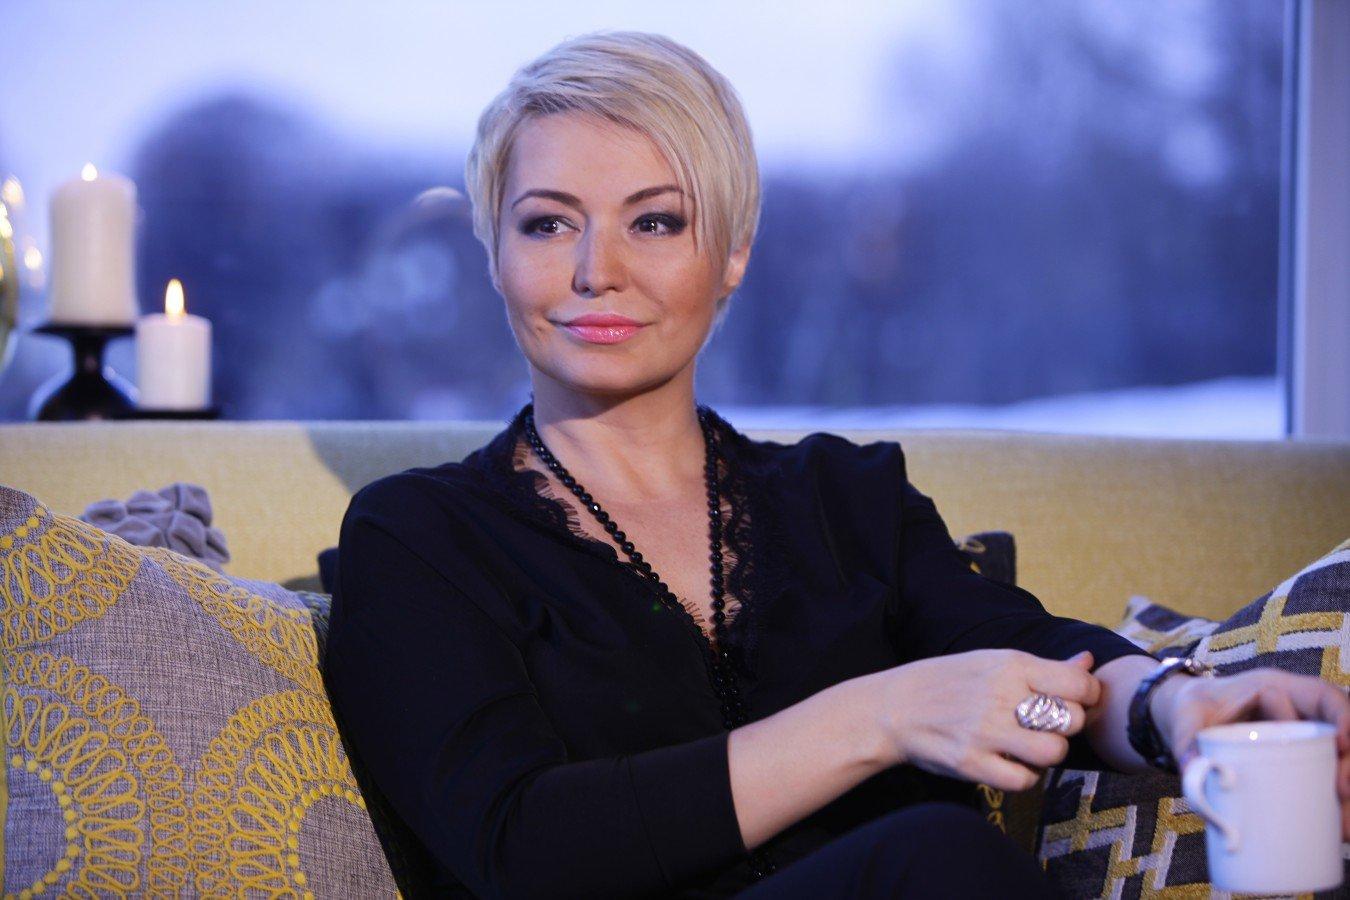 Борис Корчевников удивился рассуждениям Кати Лель об инопланетянах